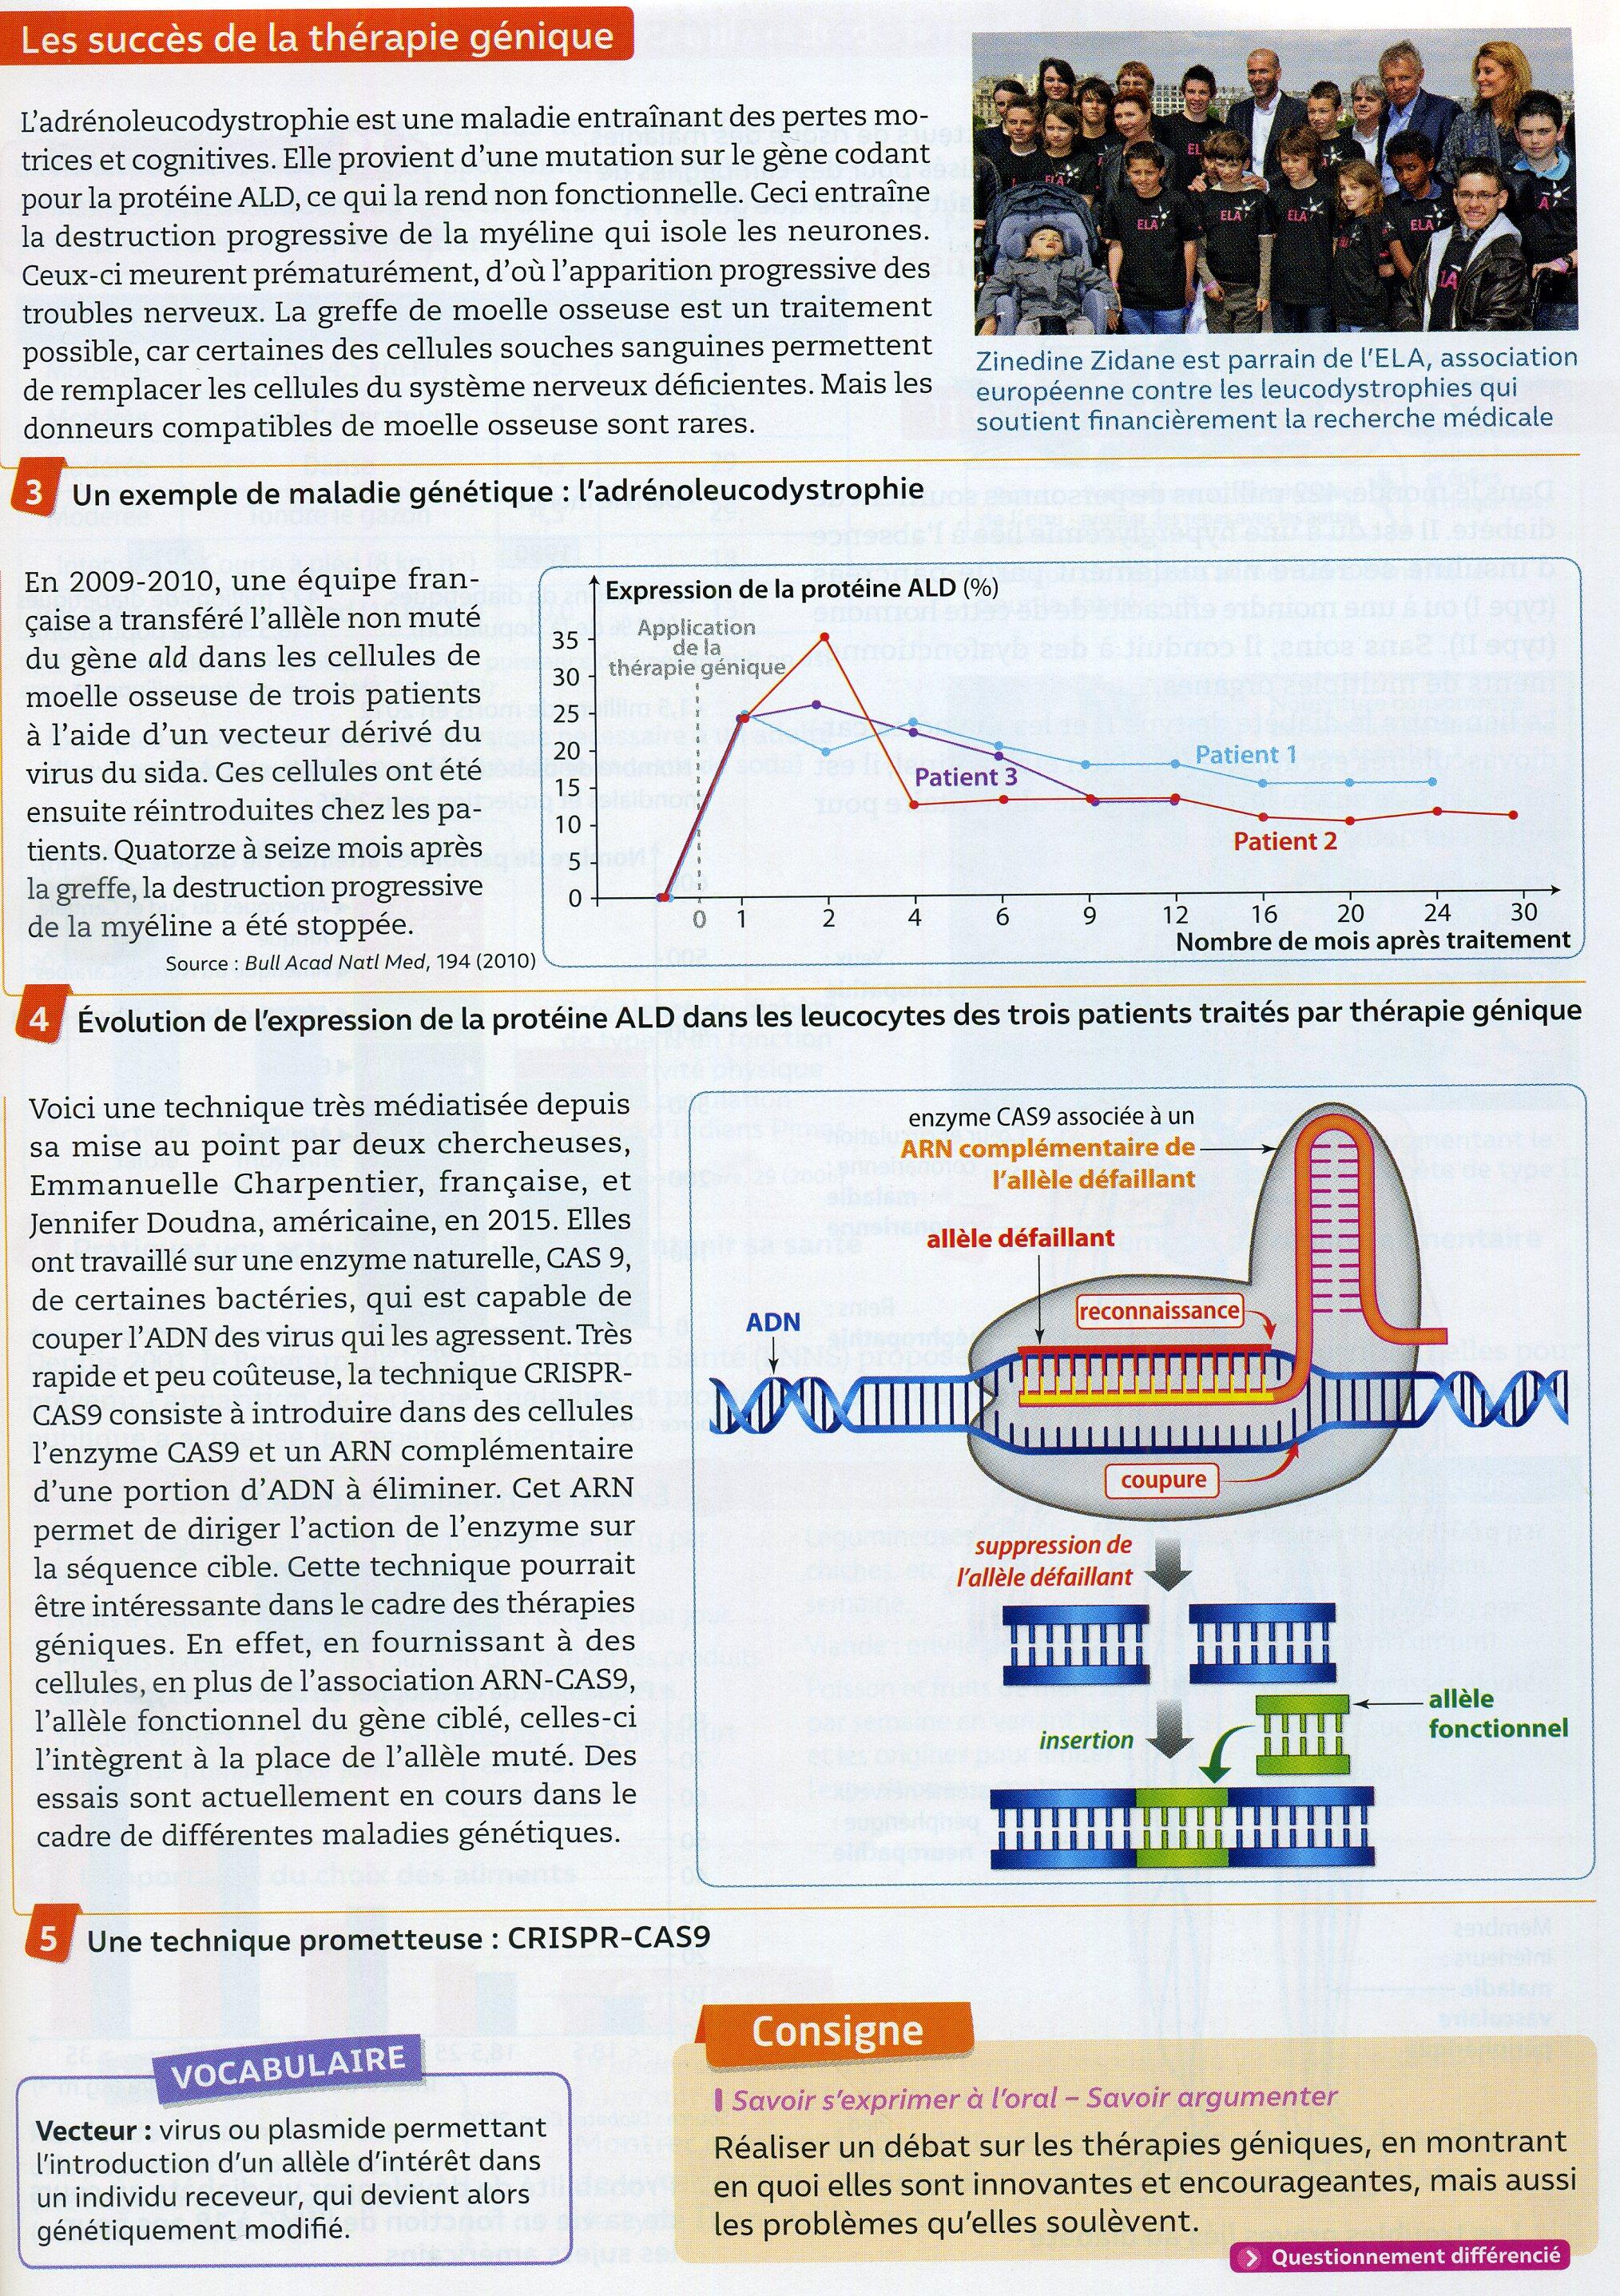 Cancer thérapie génique (2)